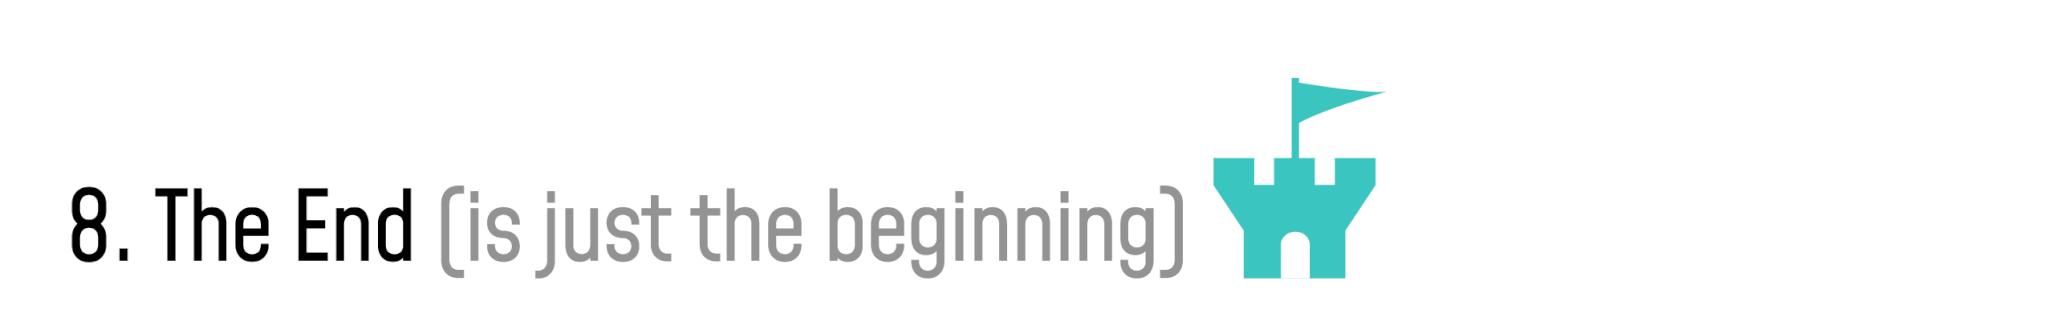 HiLo_Agency_Storytelling_Headline8_EN